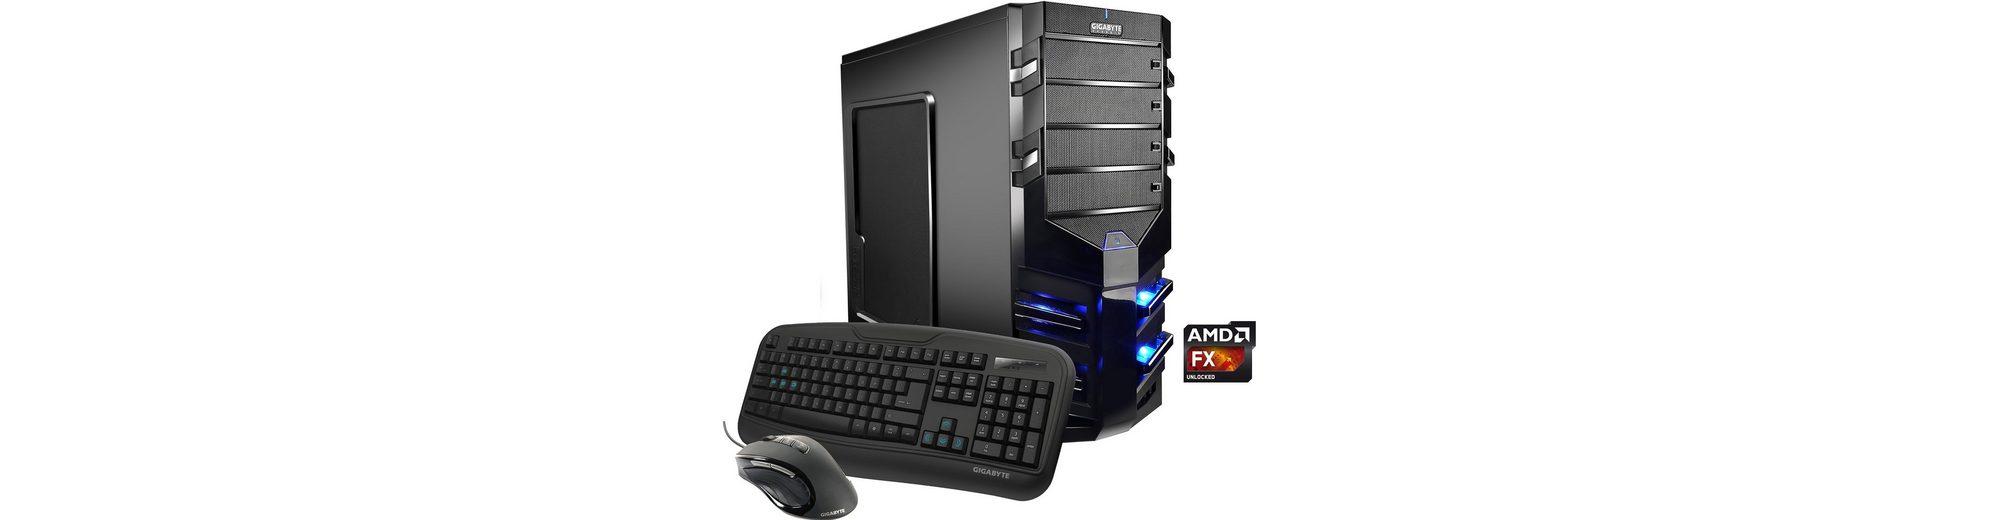 Hyrican Gaming PC AMD FX-8350, 16GB, SSD + HDD, GeForce® GTX 1070 »Alpha Gaming 5144«